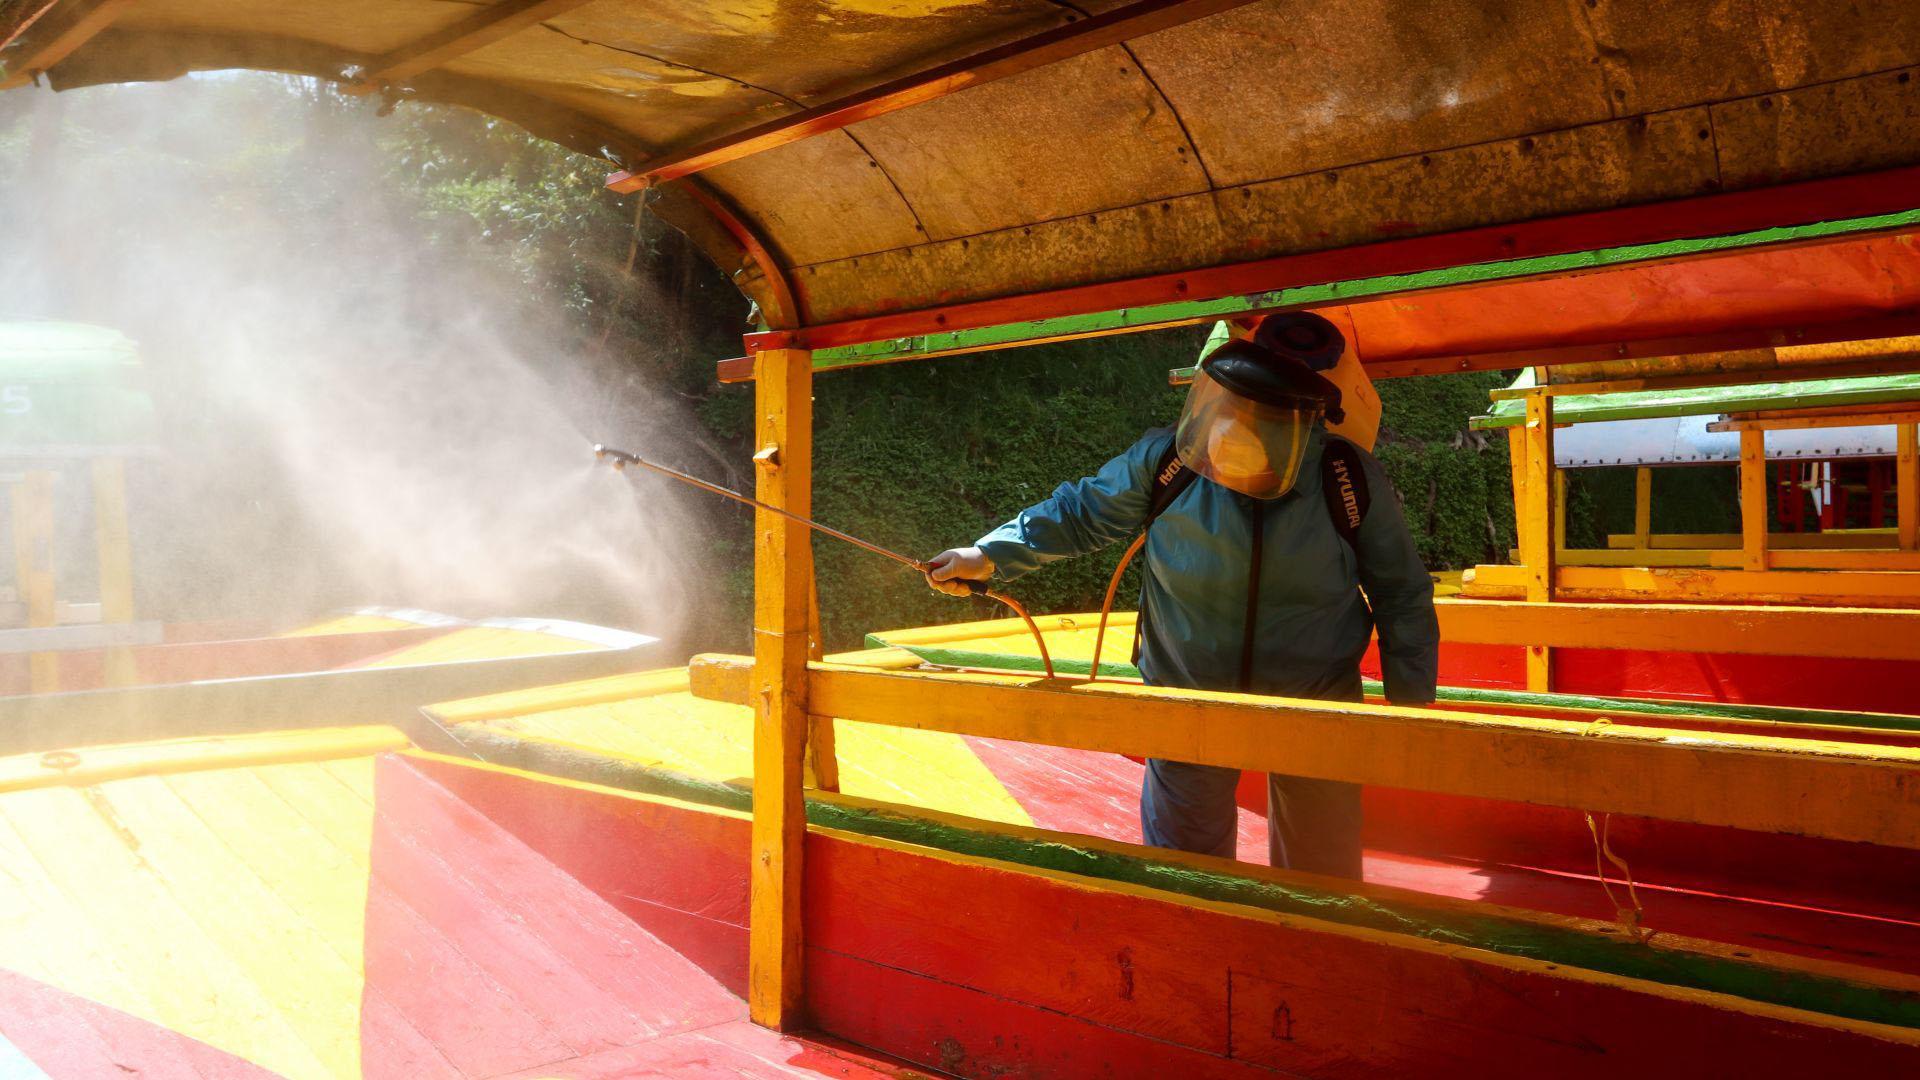 Previo a la reapertura trabajadores de la alcaldía Xochimilco desinfectaron las trajineras del Embarcadero Nativitas (Foto: Cuartoscuro)